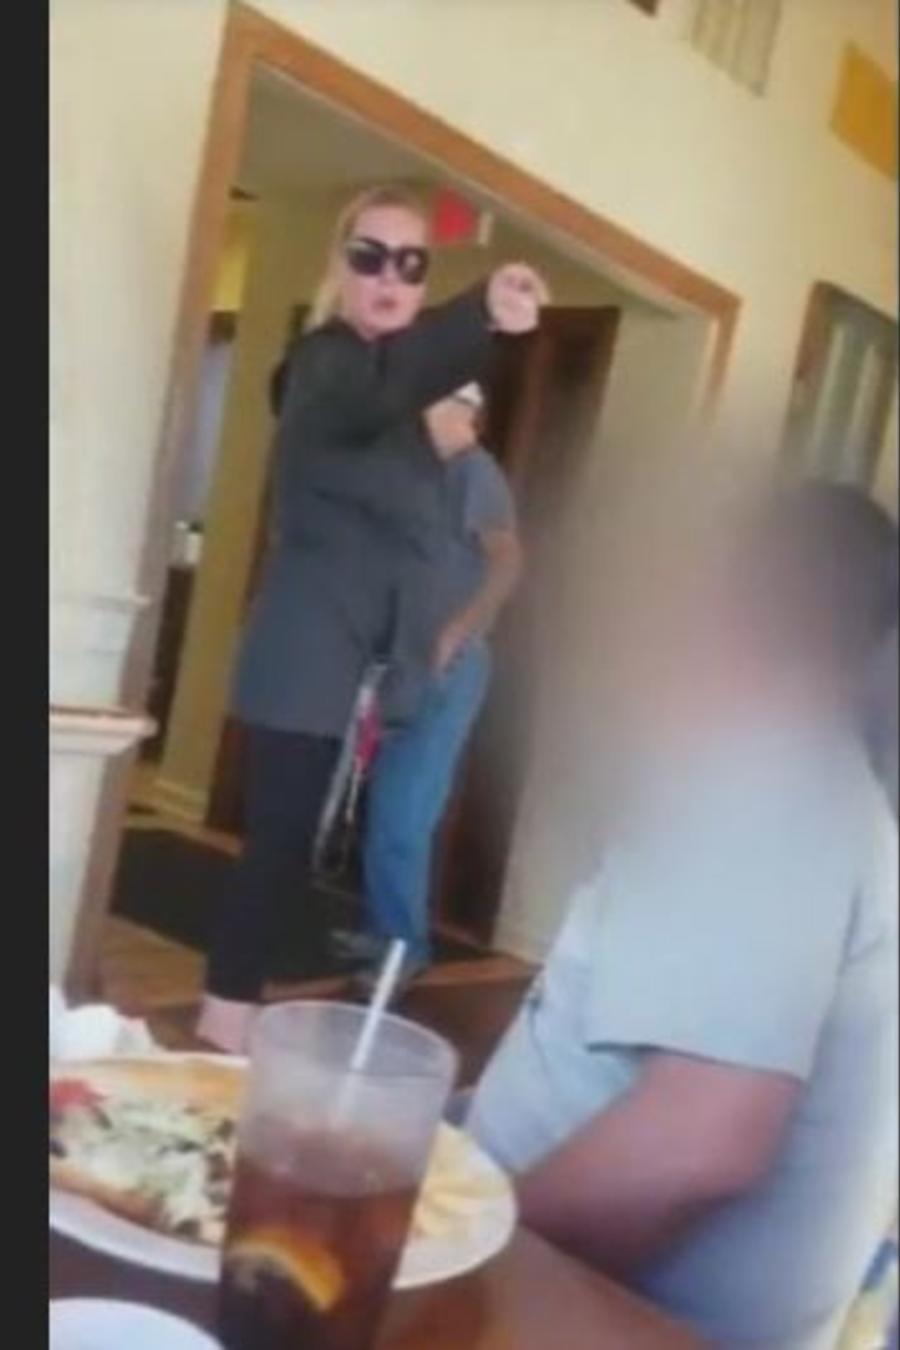 Captura del vídeo que recoge parte del ataque de una mujer blanca a familia latina en un restaurante en Virginia.